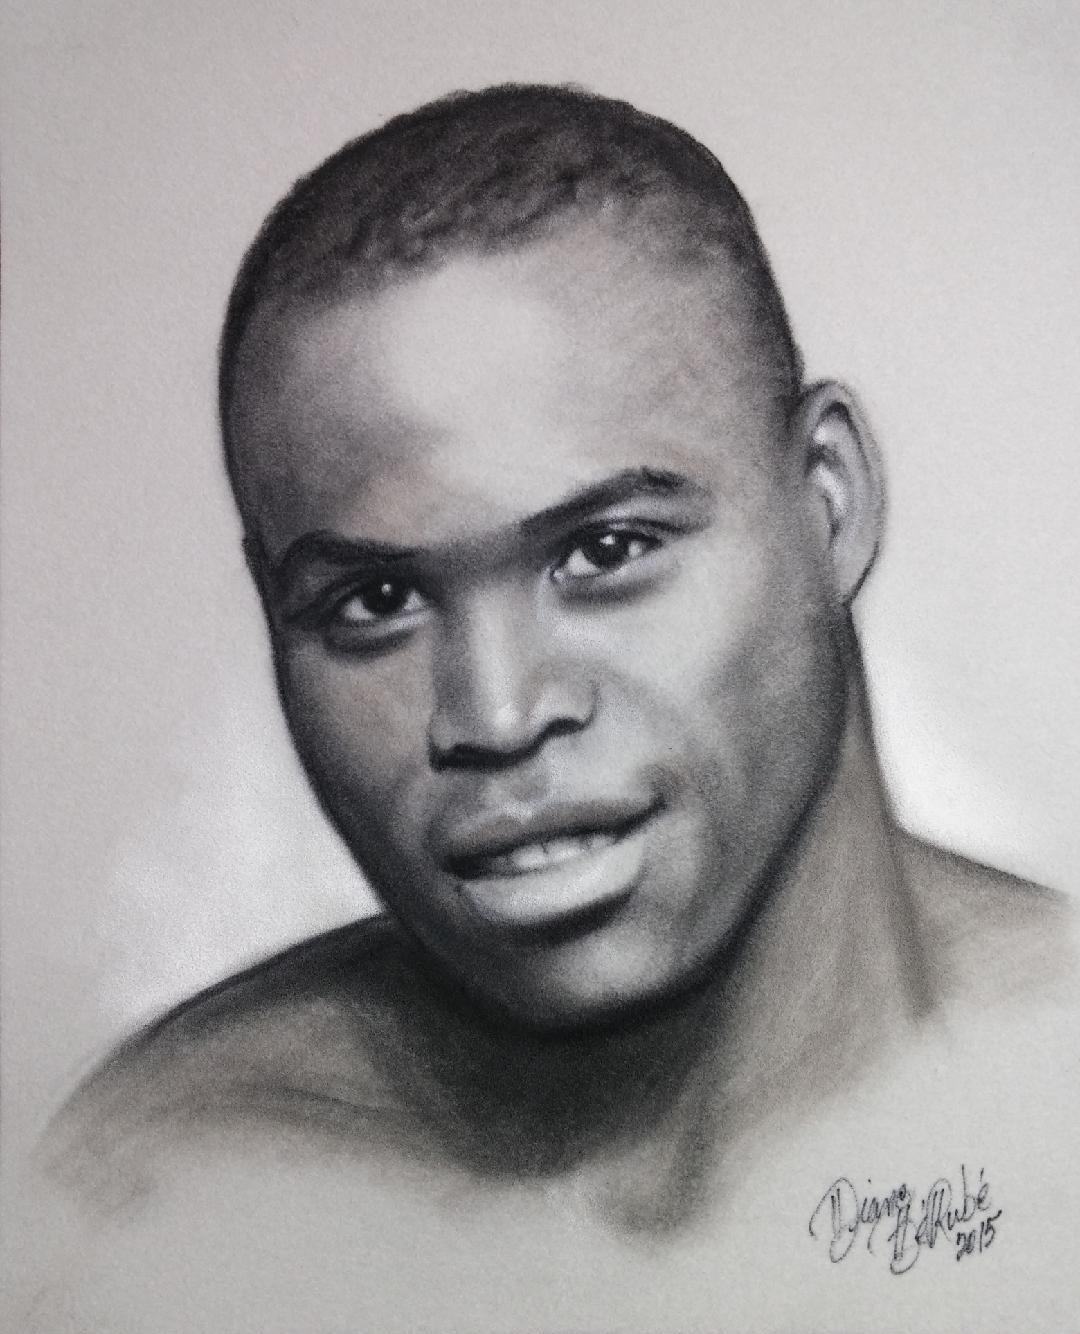 Adonis Stevenson fusain